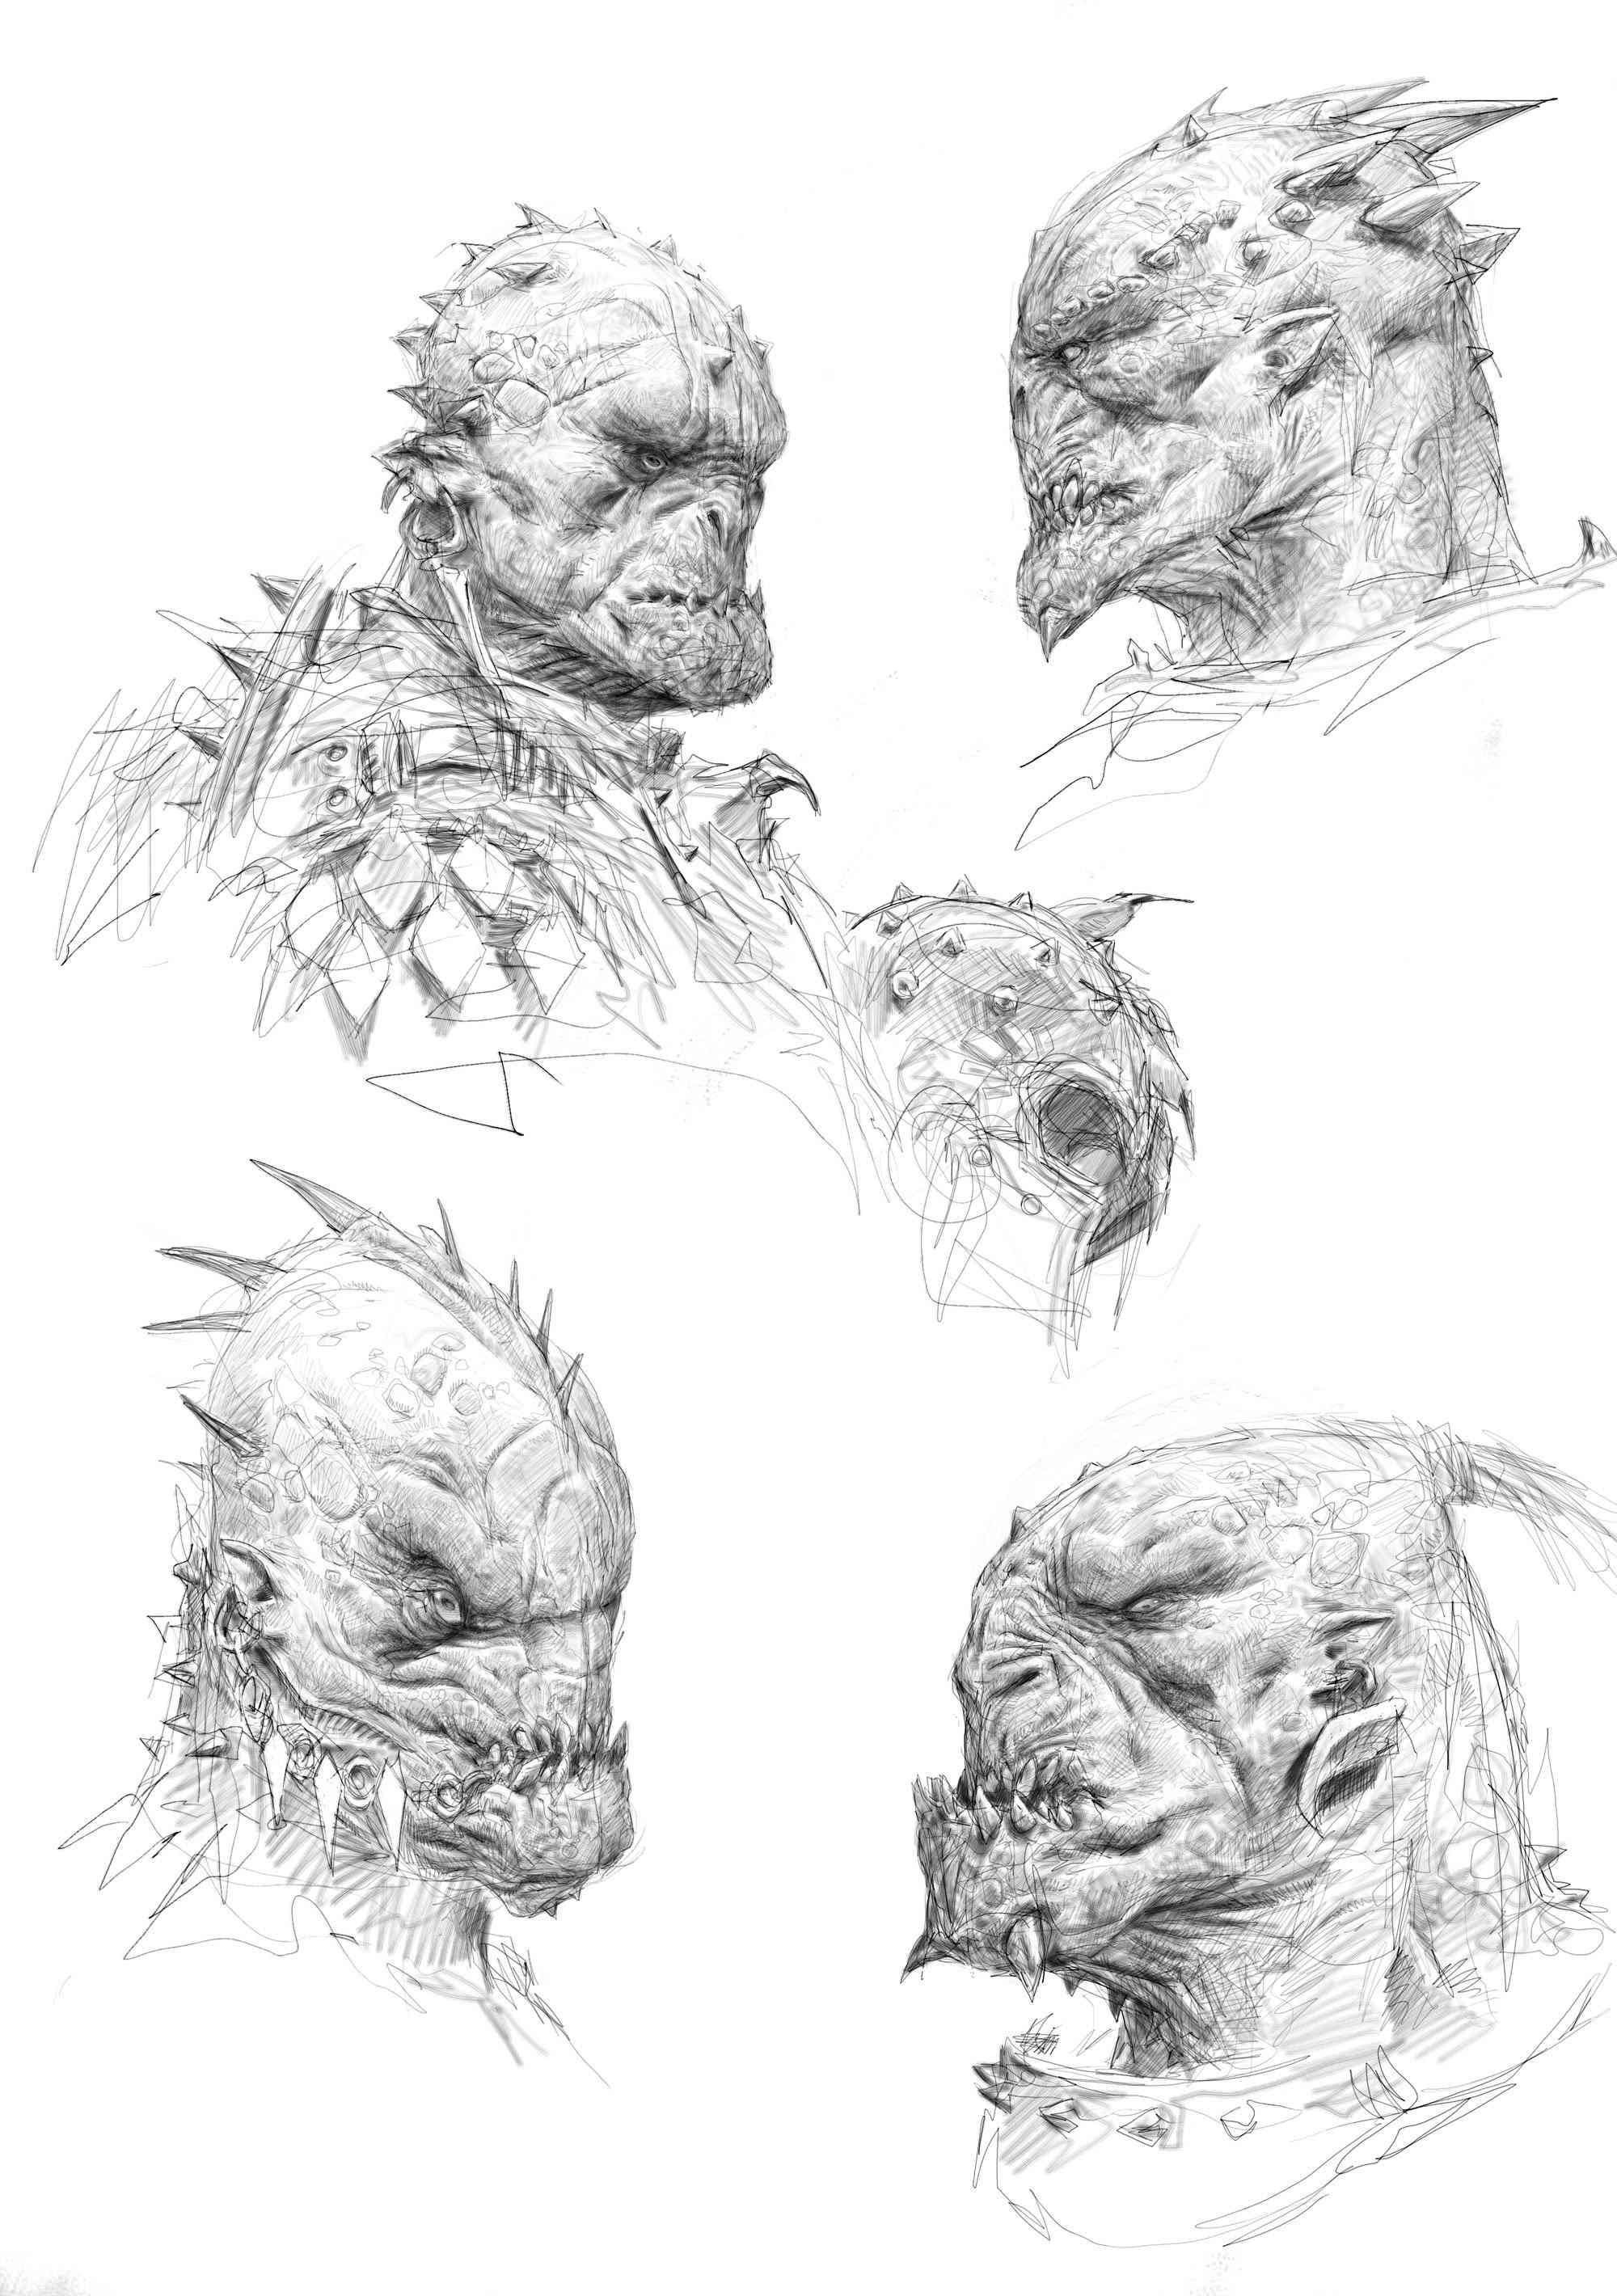 aryan studies. Ultra gump blaster mega pack ultimate post de monstros  5